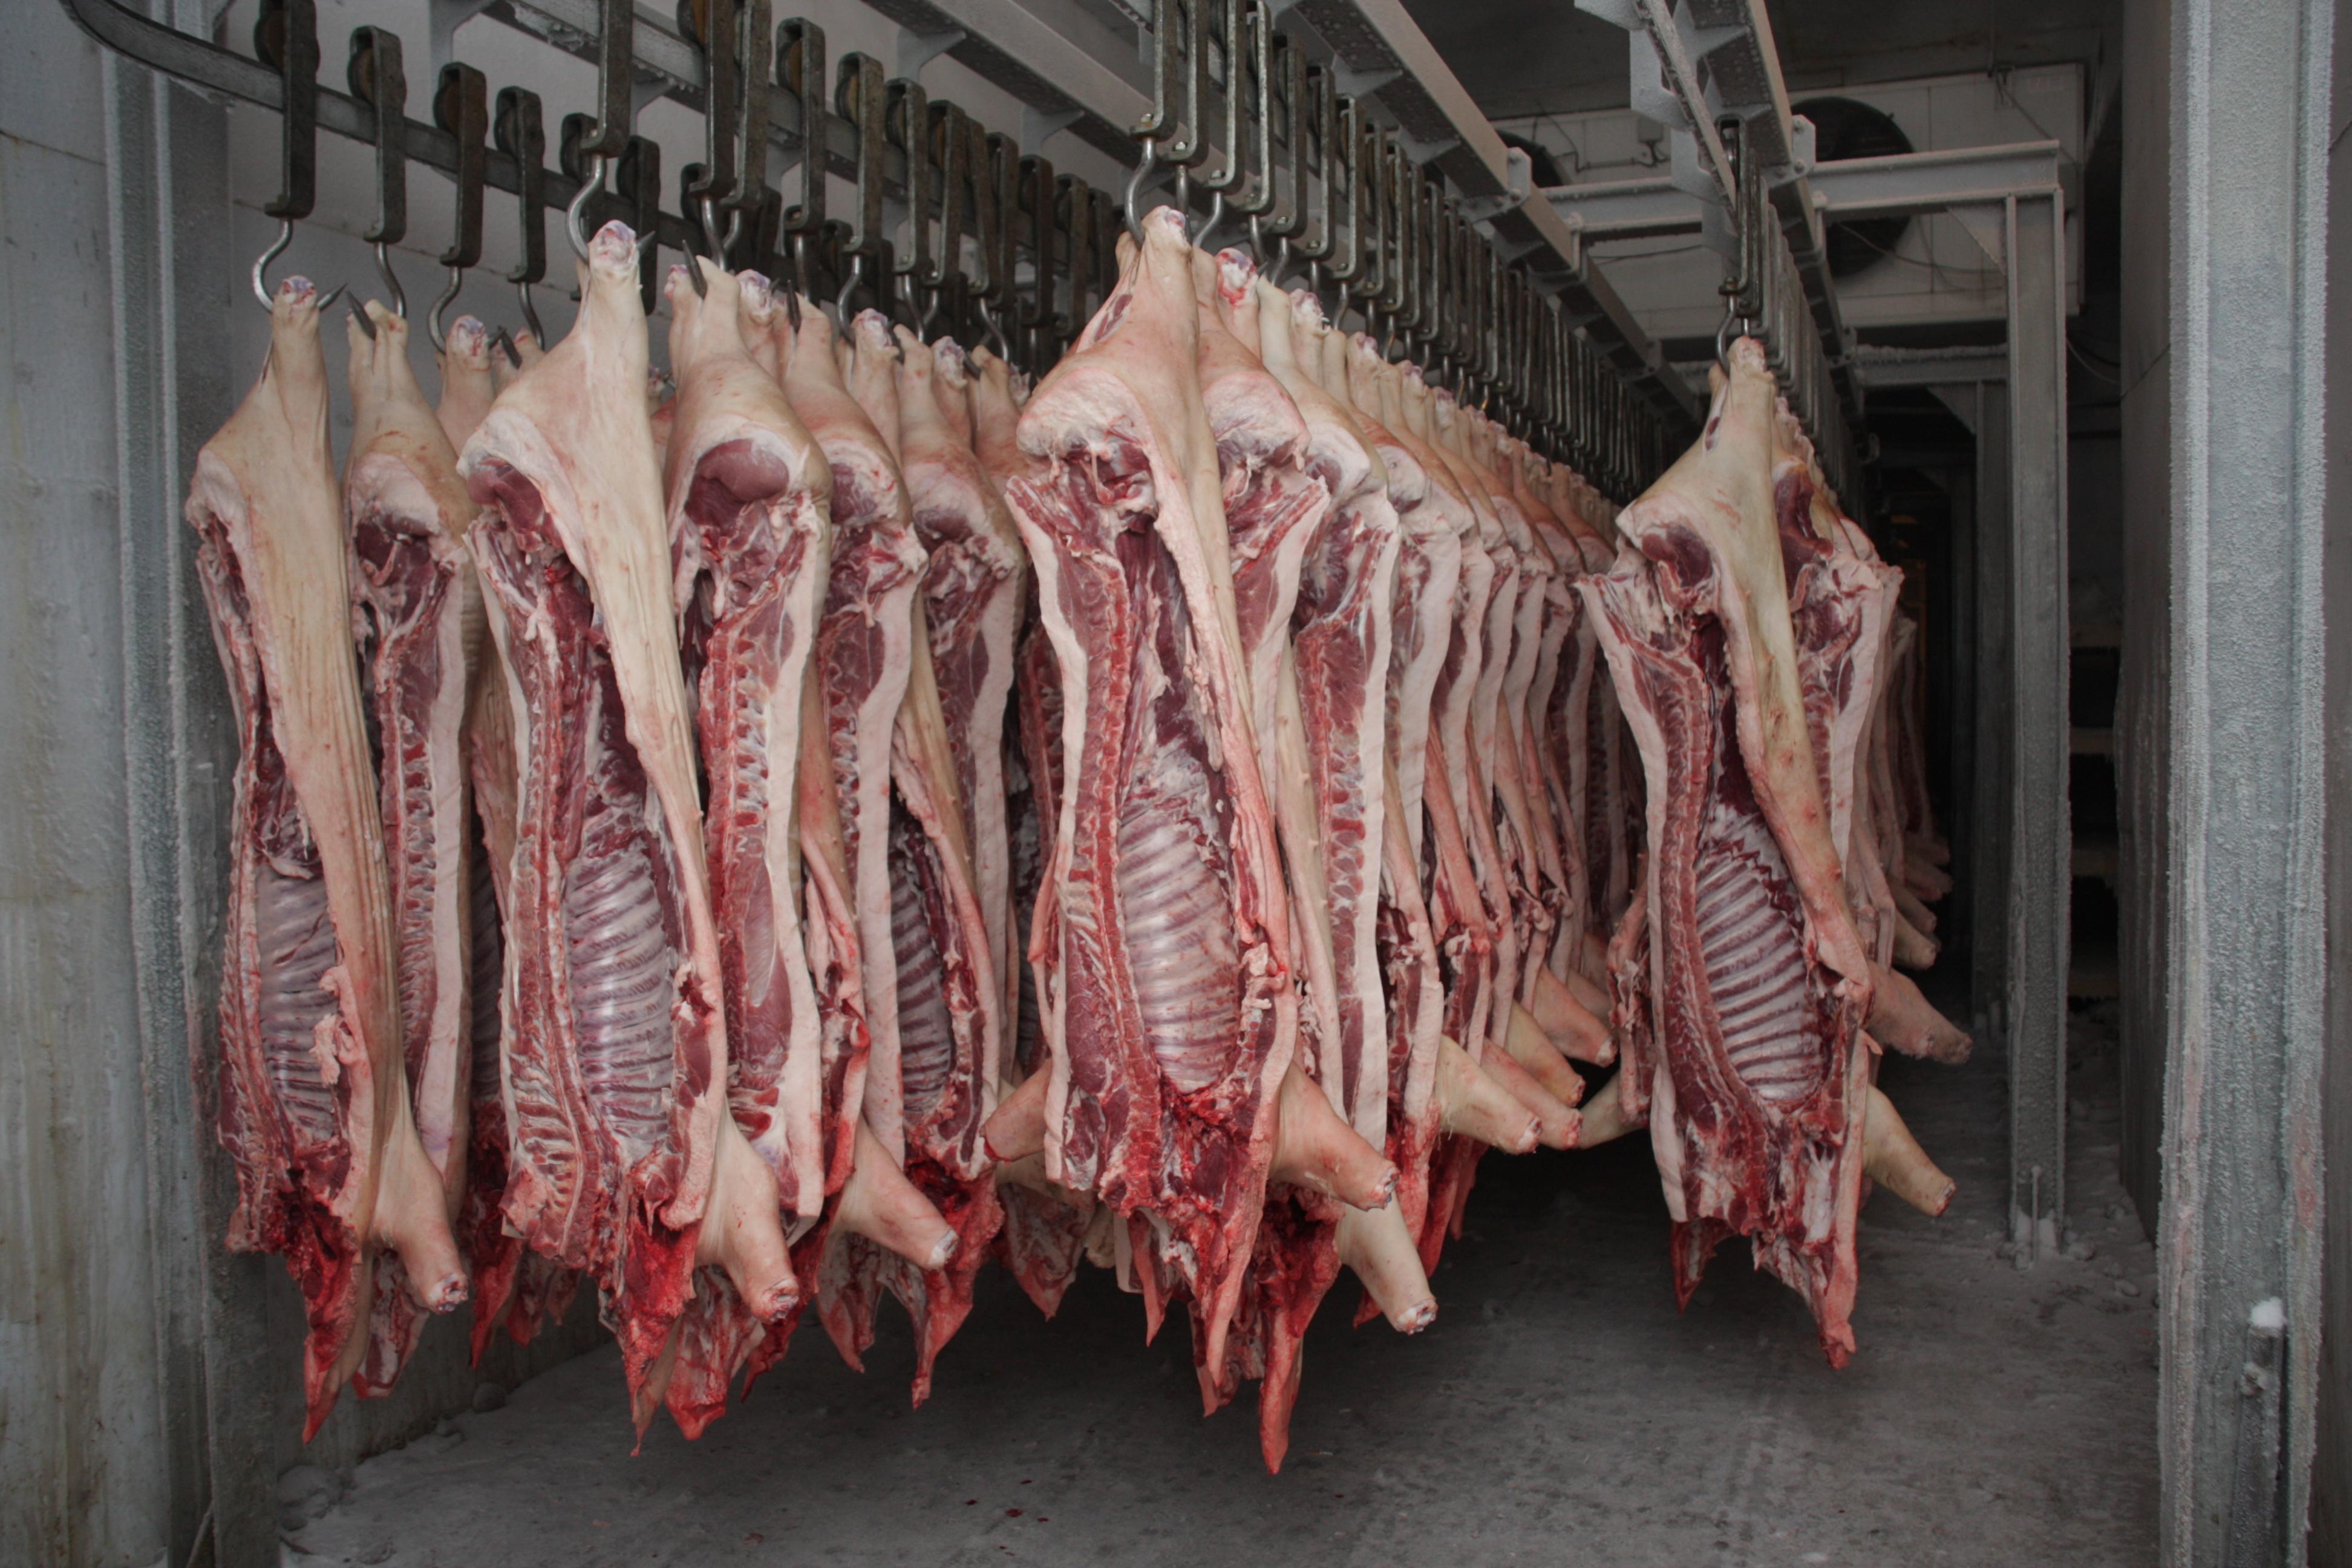 Ищите надежного поставщика свинины, говядины